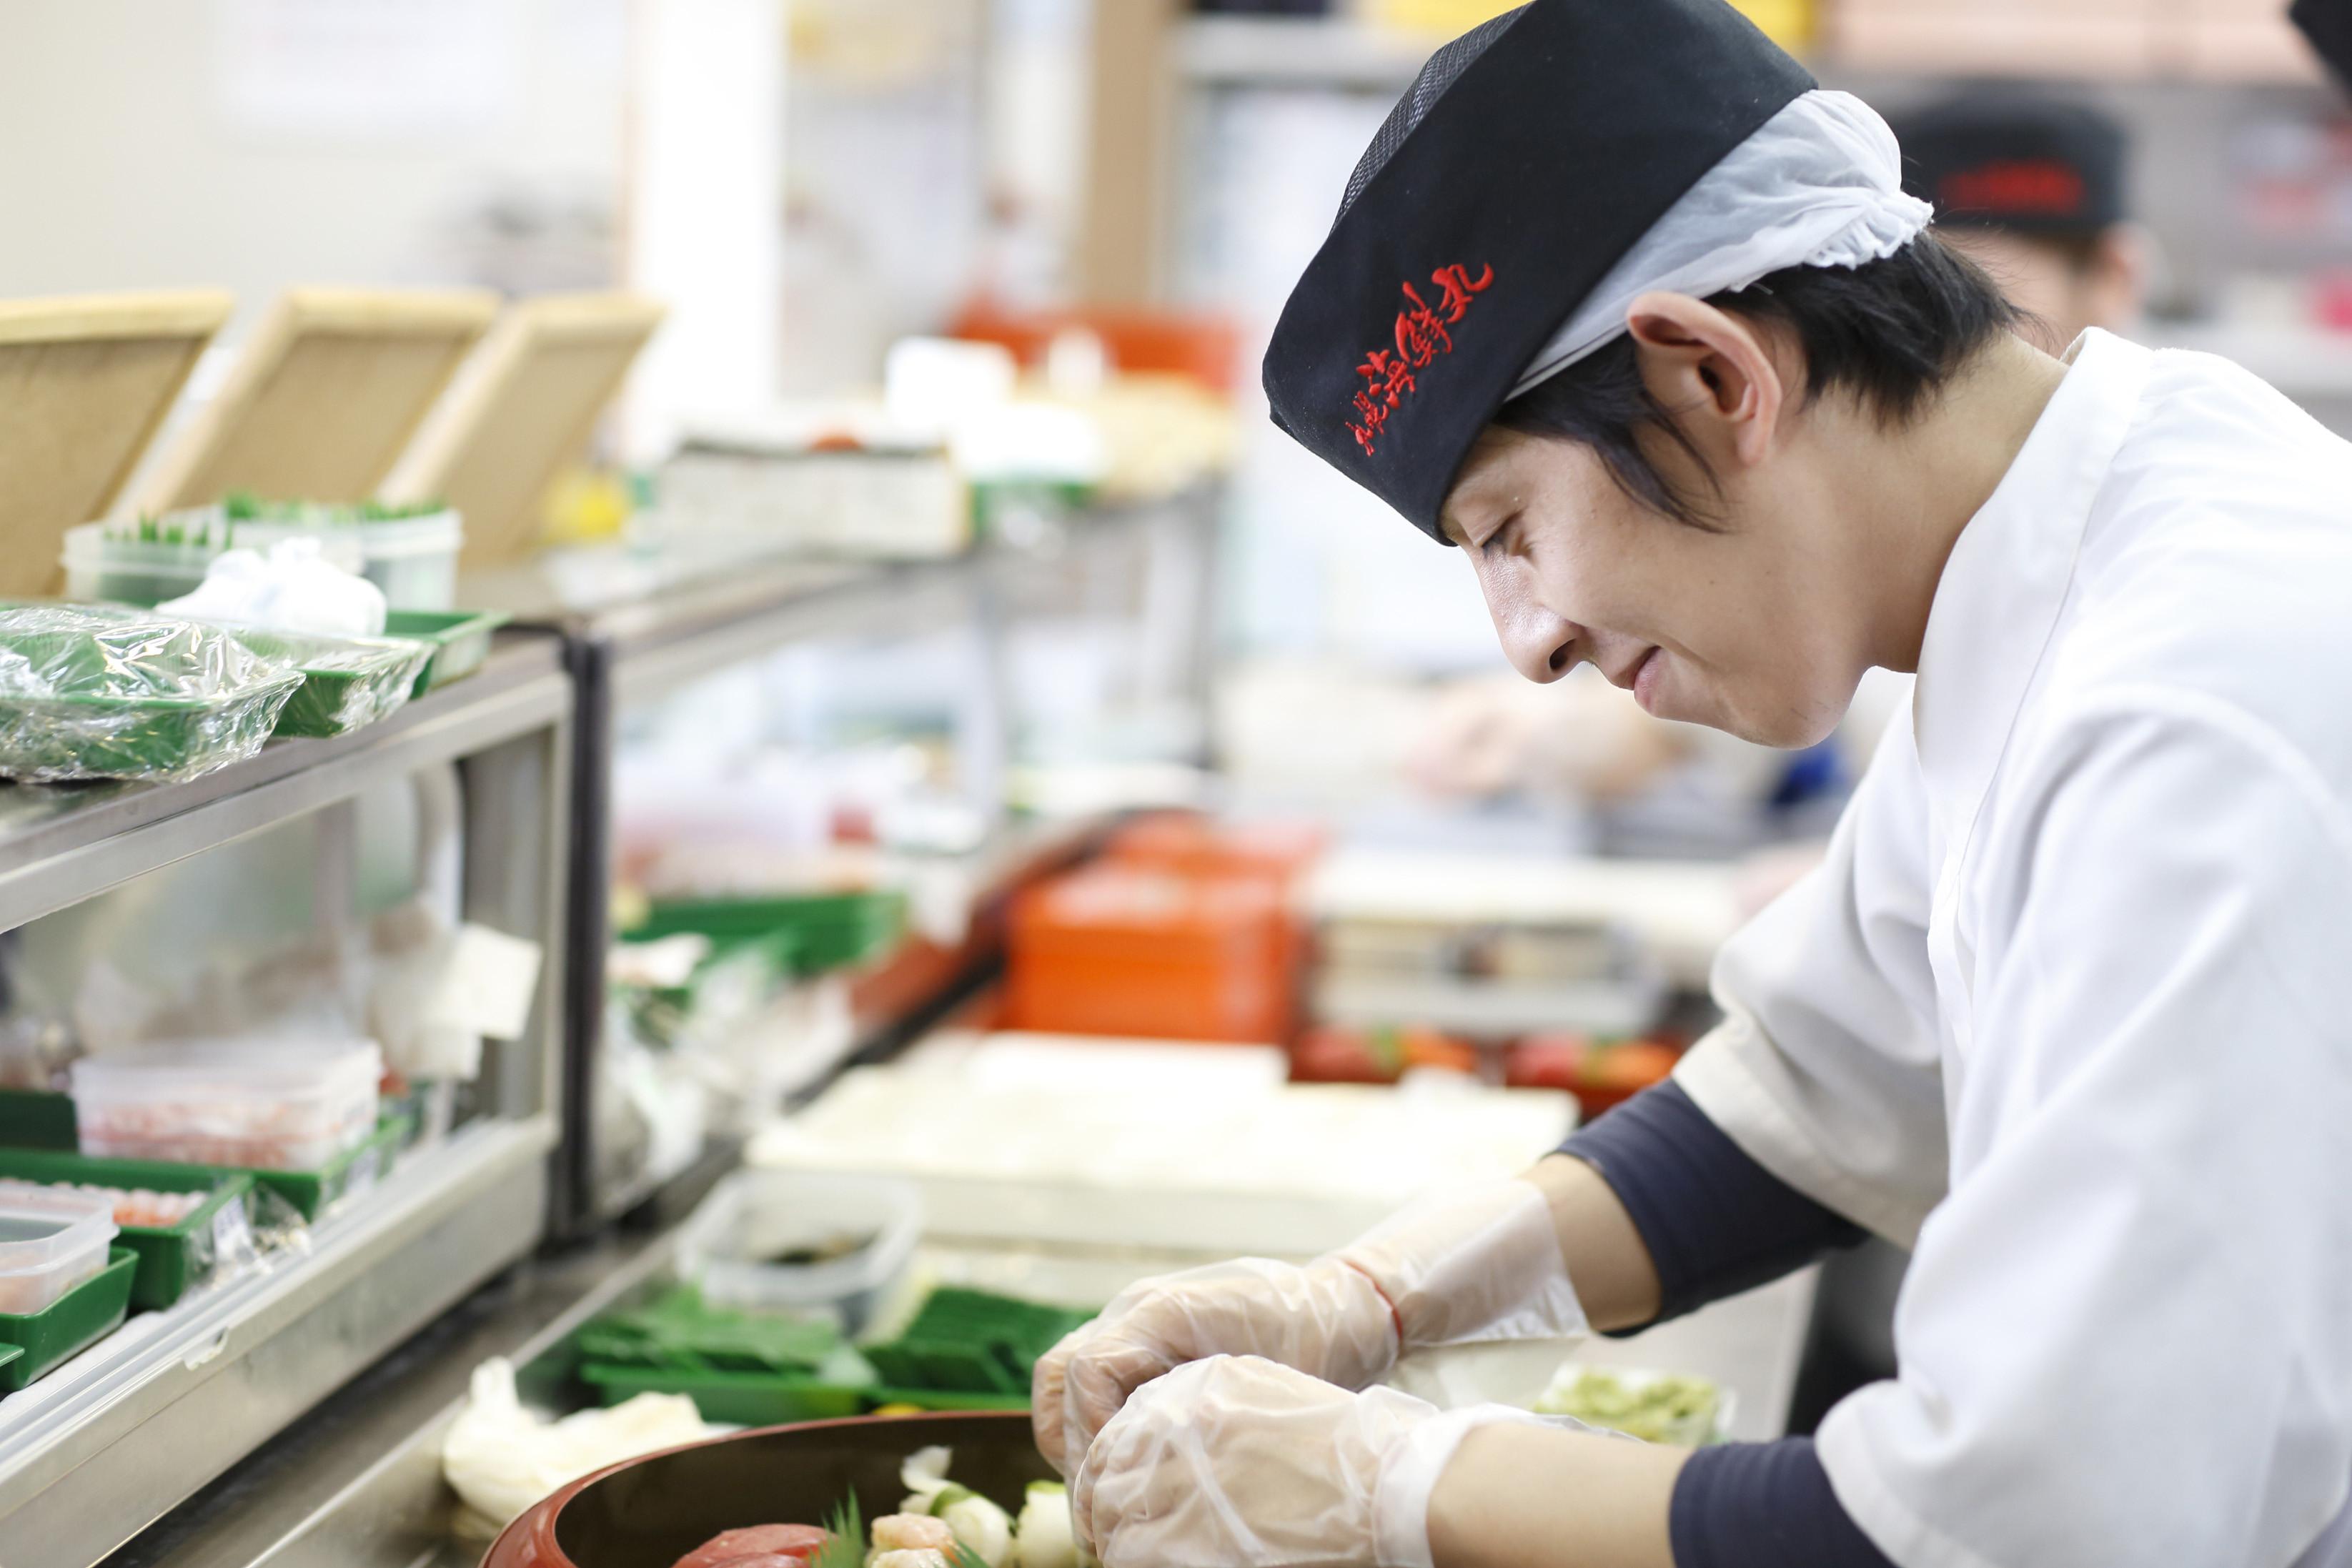 札幌海鮮丸 苫小牧西店 キッチンスタッフのアルバイト情報